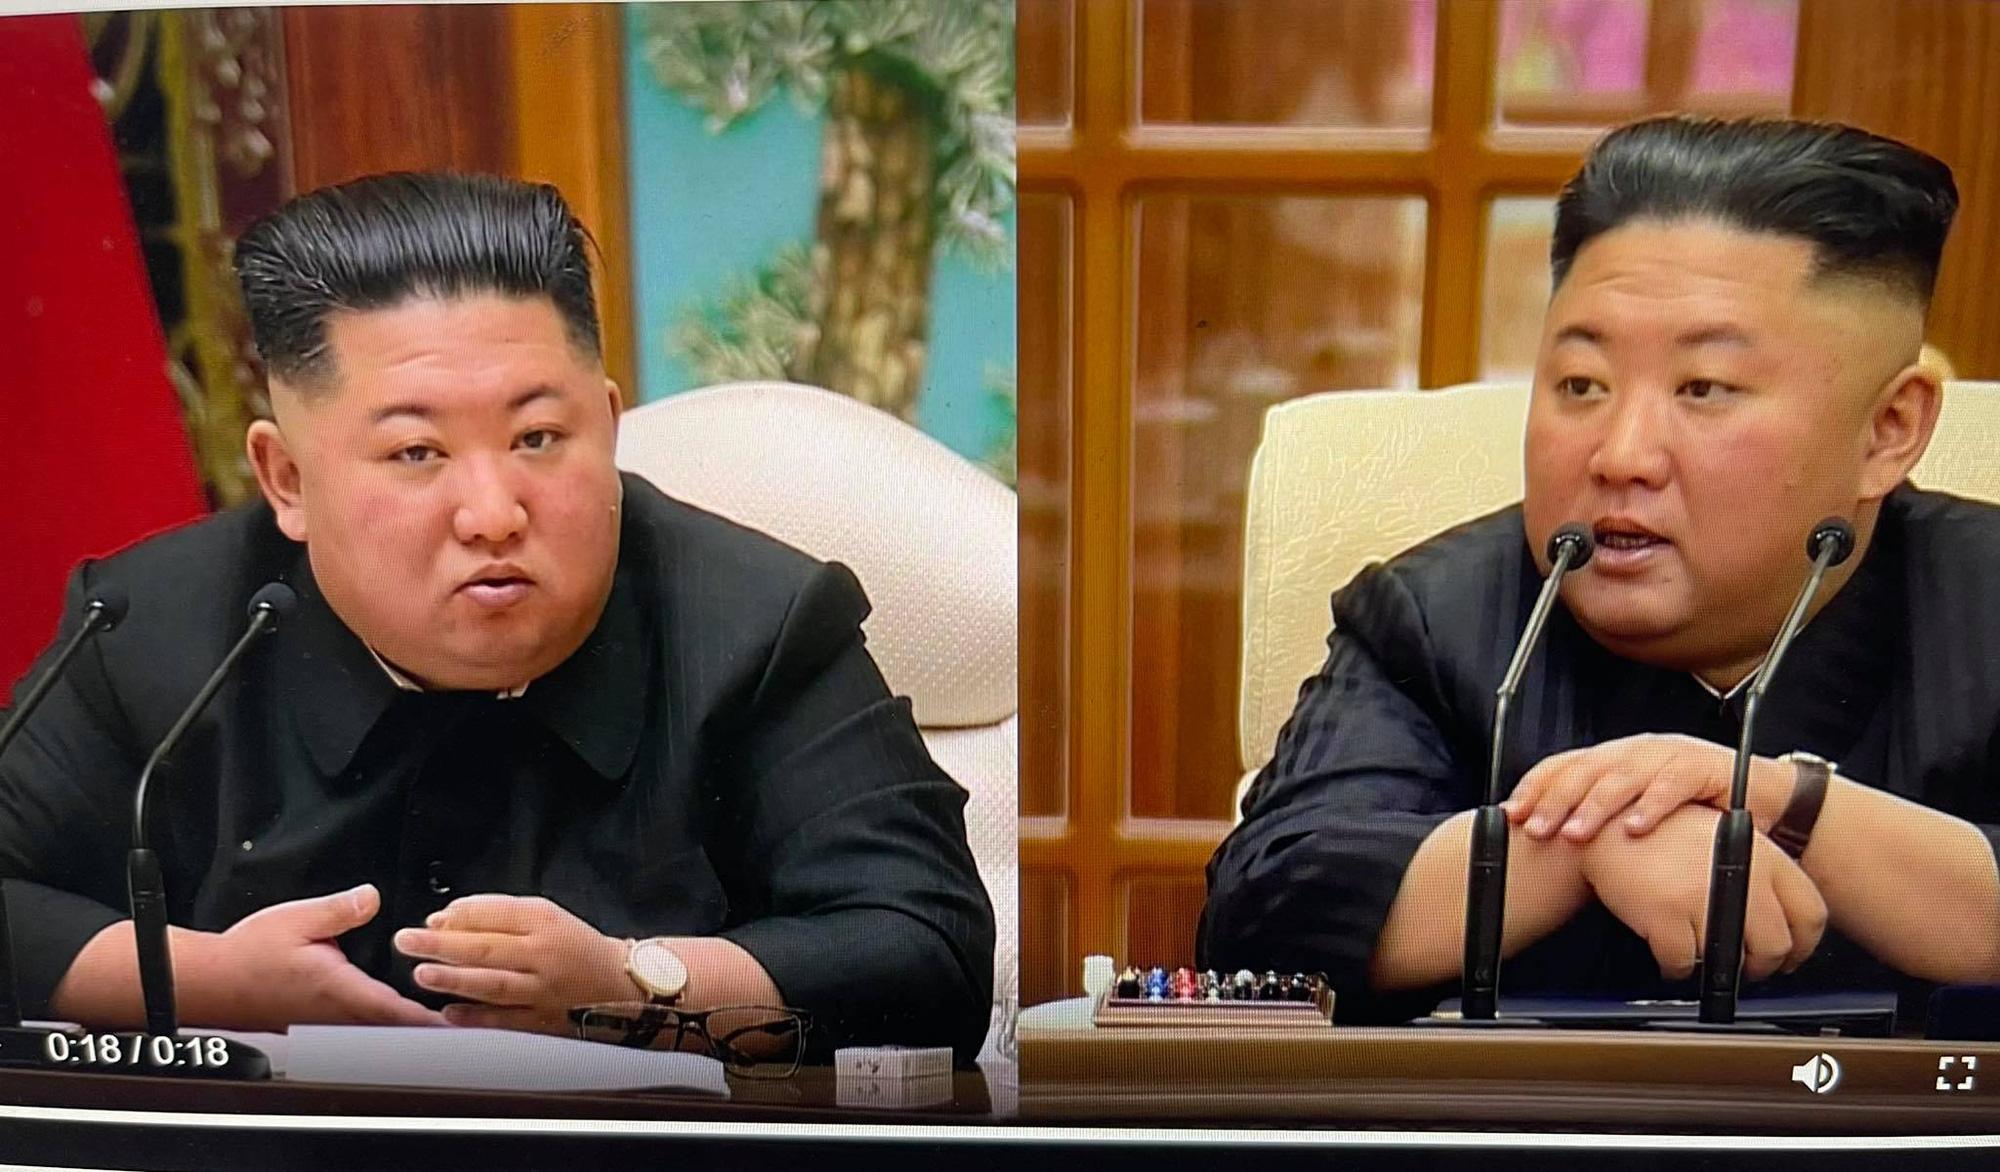 Hình dáng bất ngờ của Kim Jong Un gây chú ý giới tình báo - Ảnh 3.